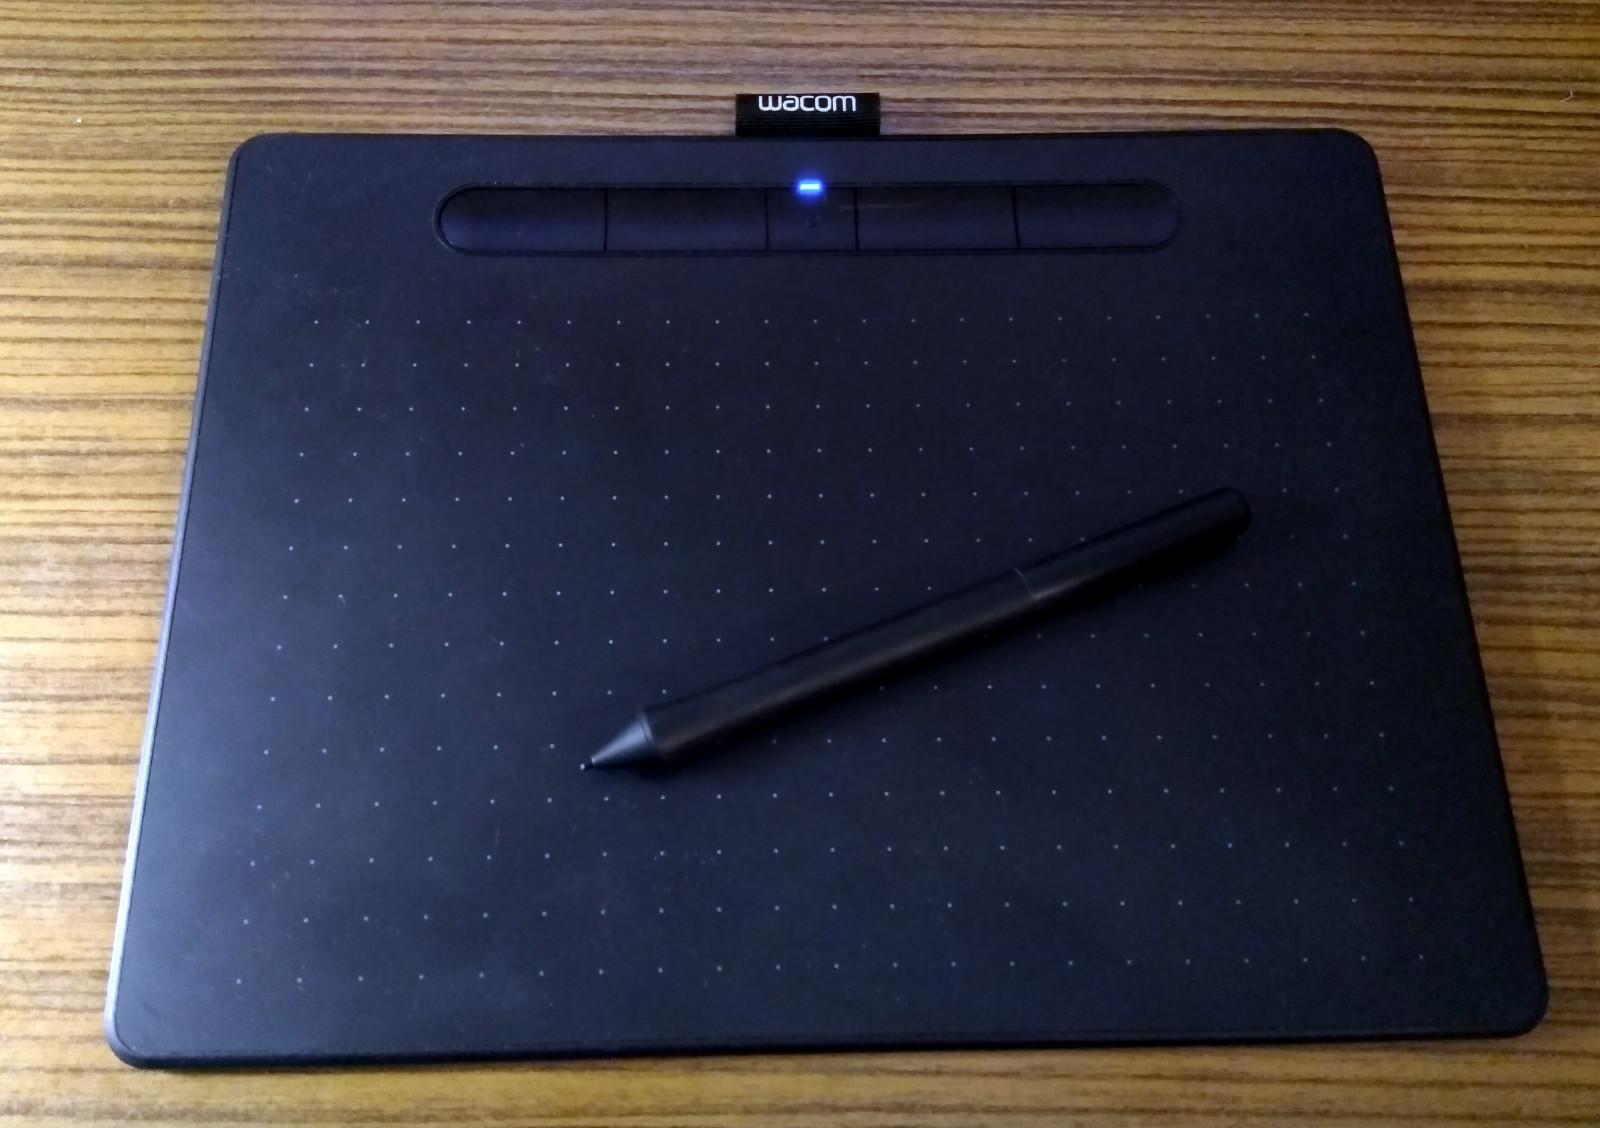 Grafický tablet je užitečným nástrojem pro tvorbu digitální grafiky, osobně ale při vektorizaci loga dávám přednost myši.